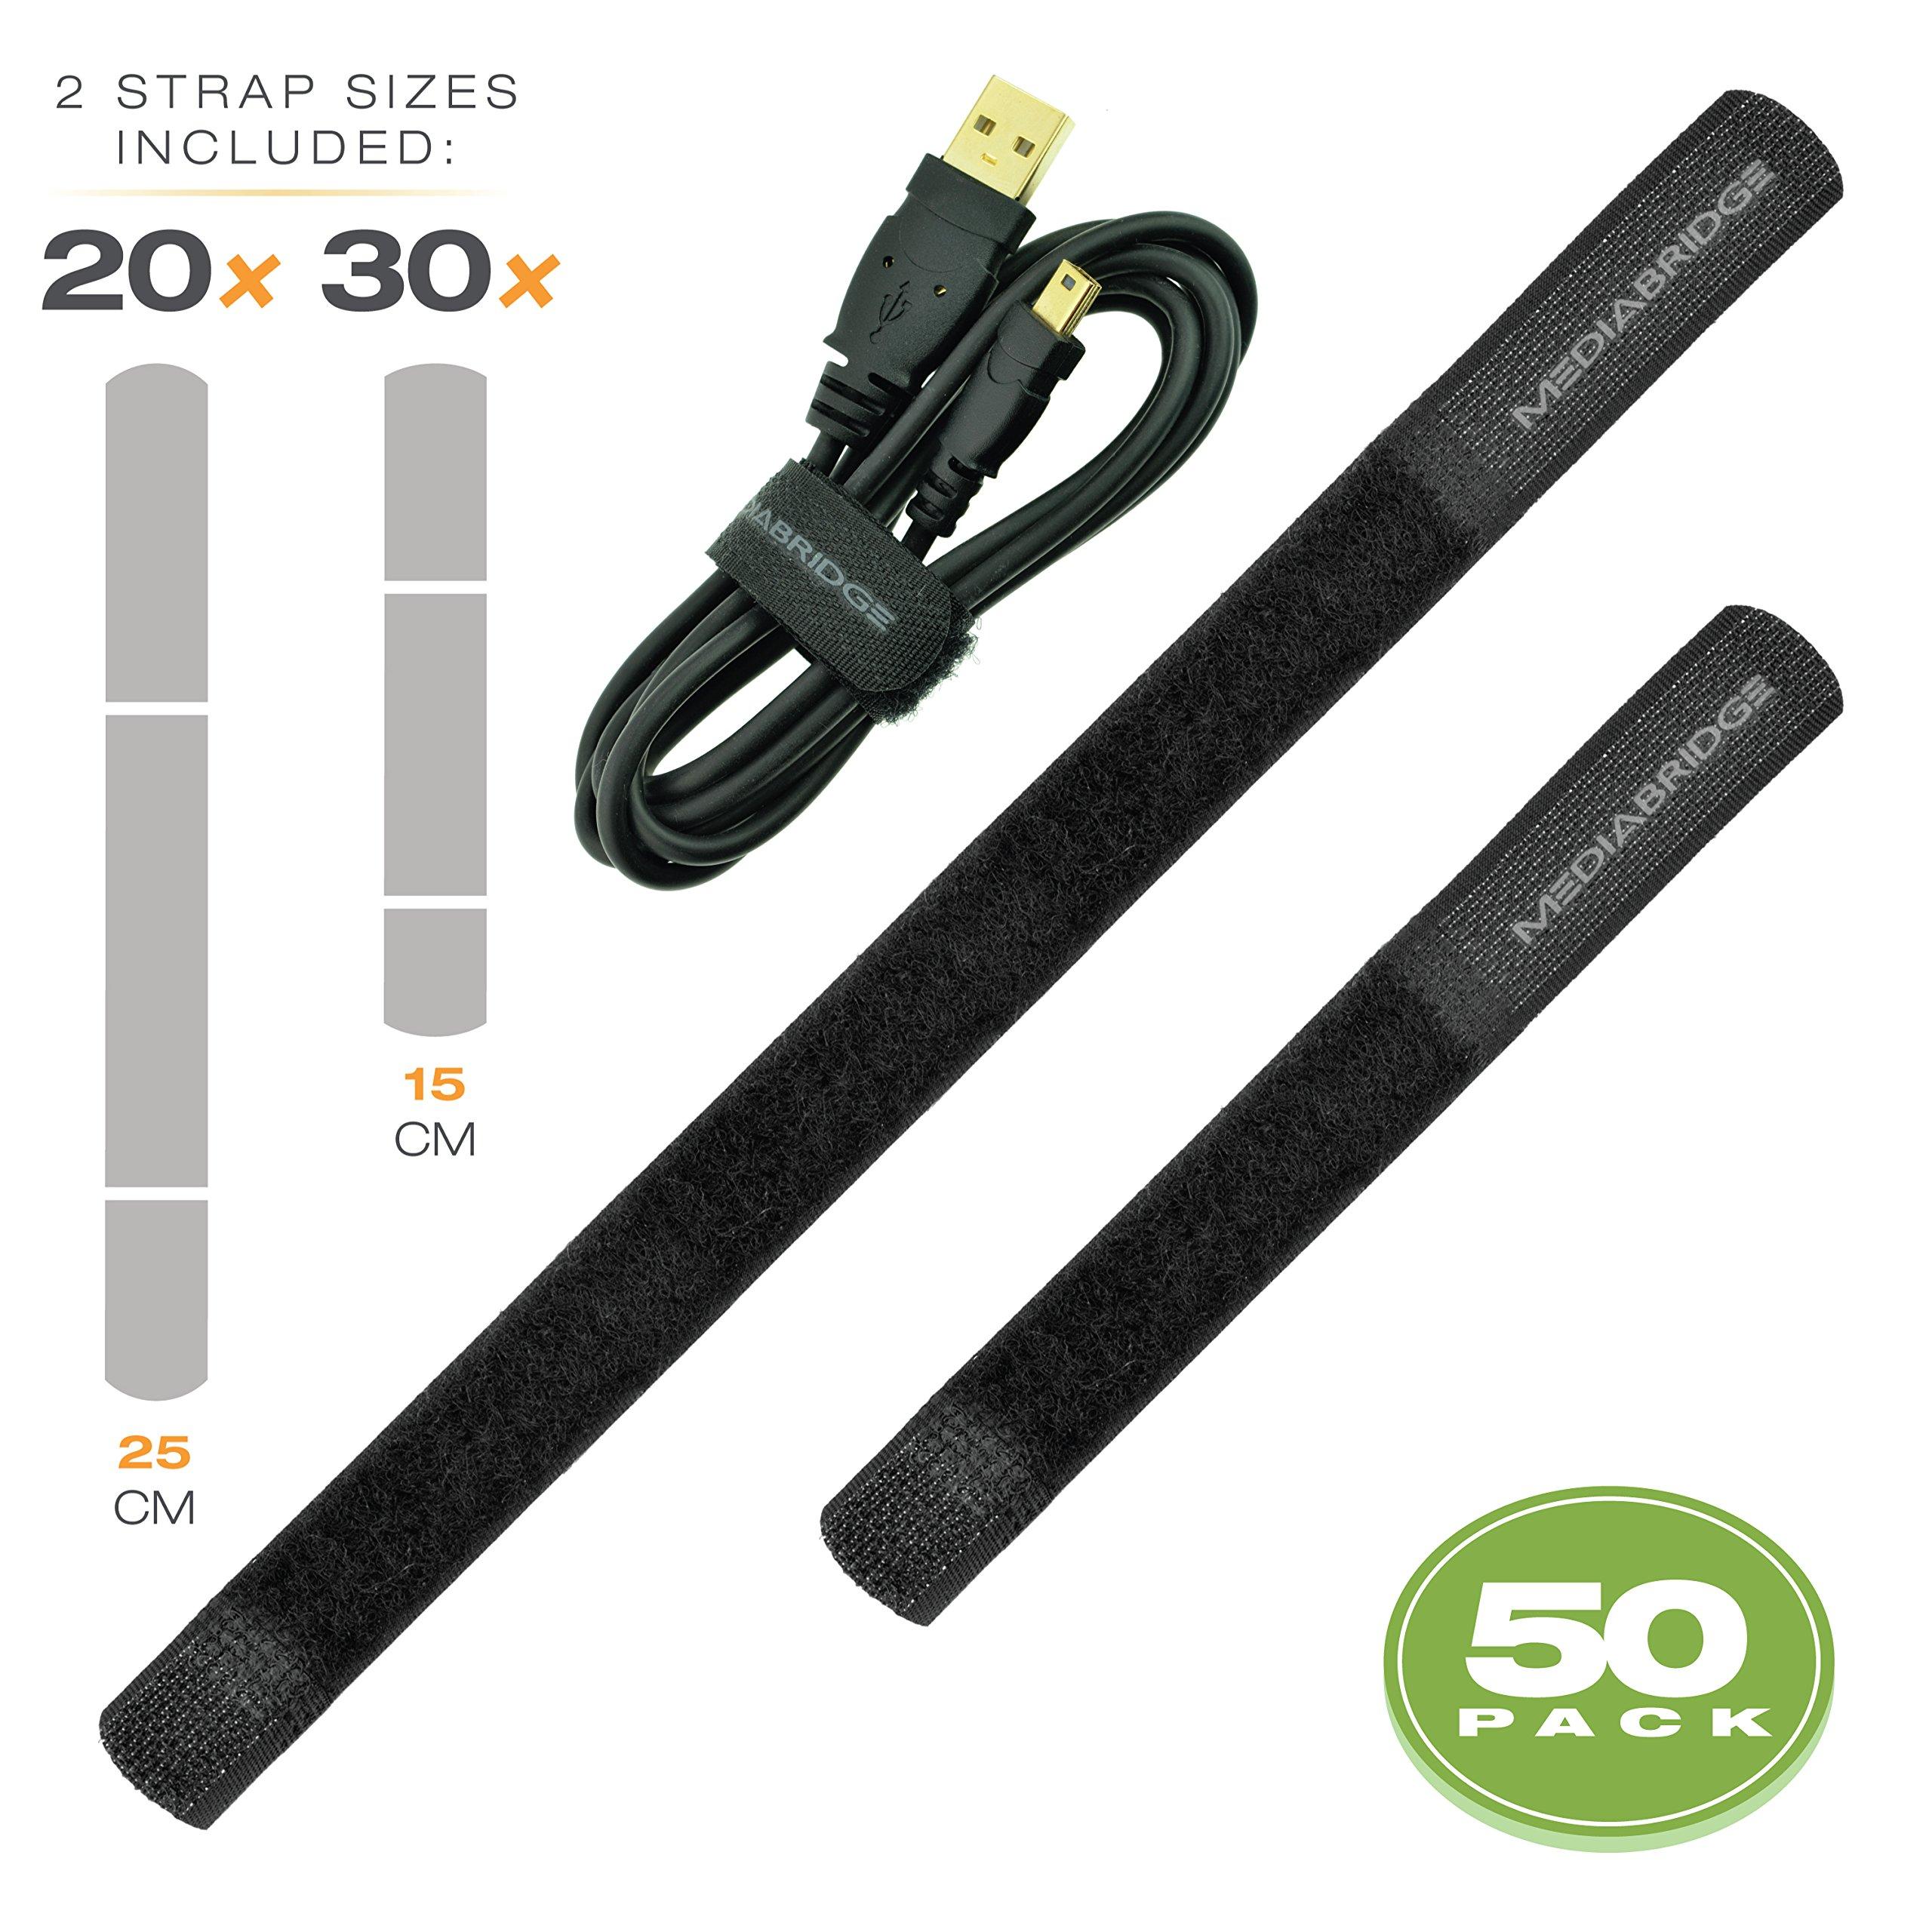 Mediabridge Cable Straps 50-Pack (30 × 15CM, 20 × 25CM) - Adustable & Reusable - Dual-Tabbed Cable Ties (Part# MCM-VSX50)